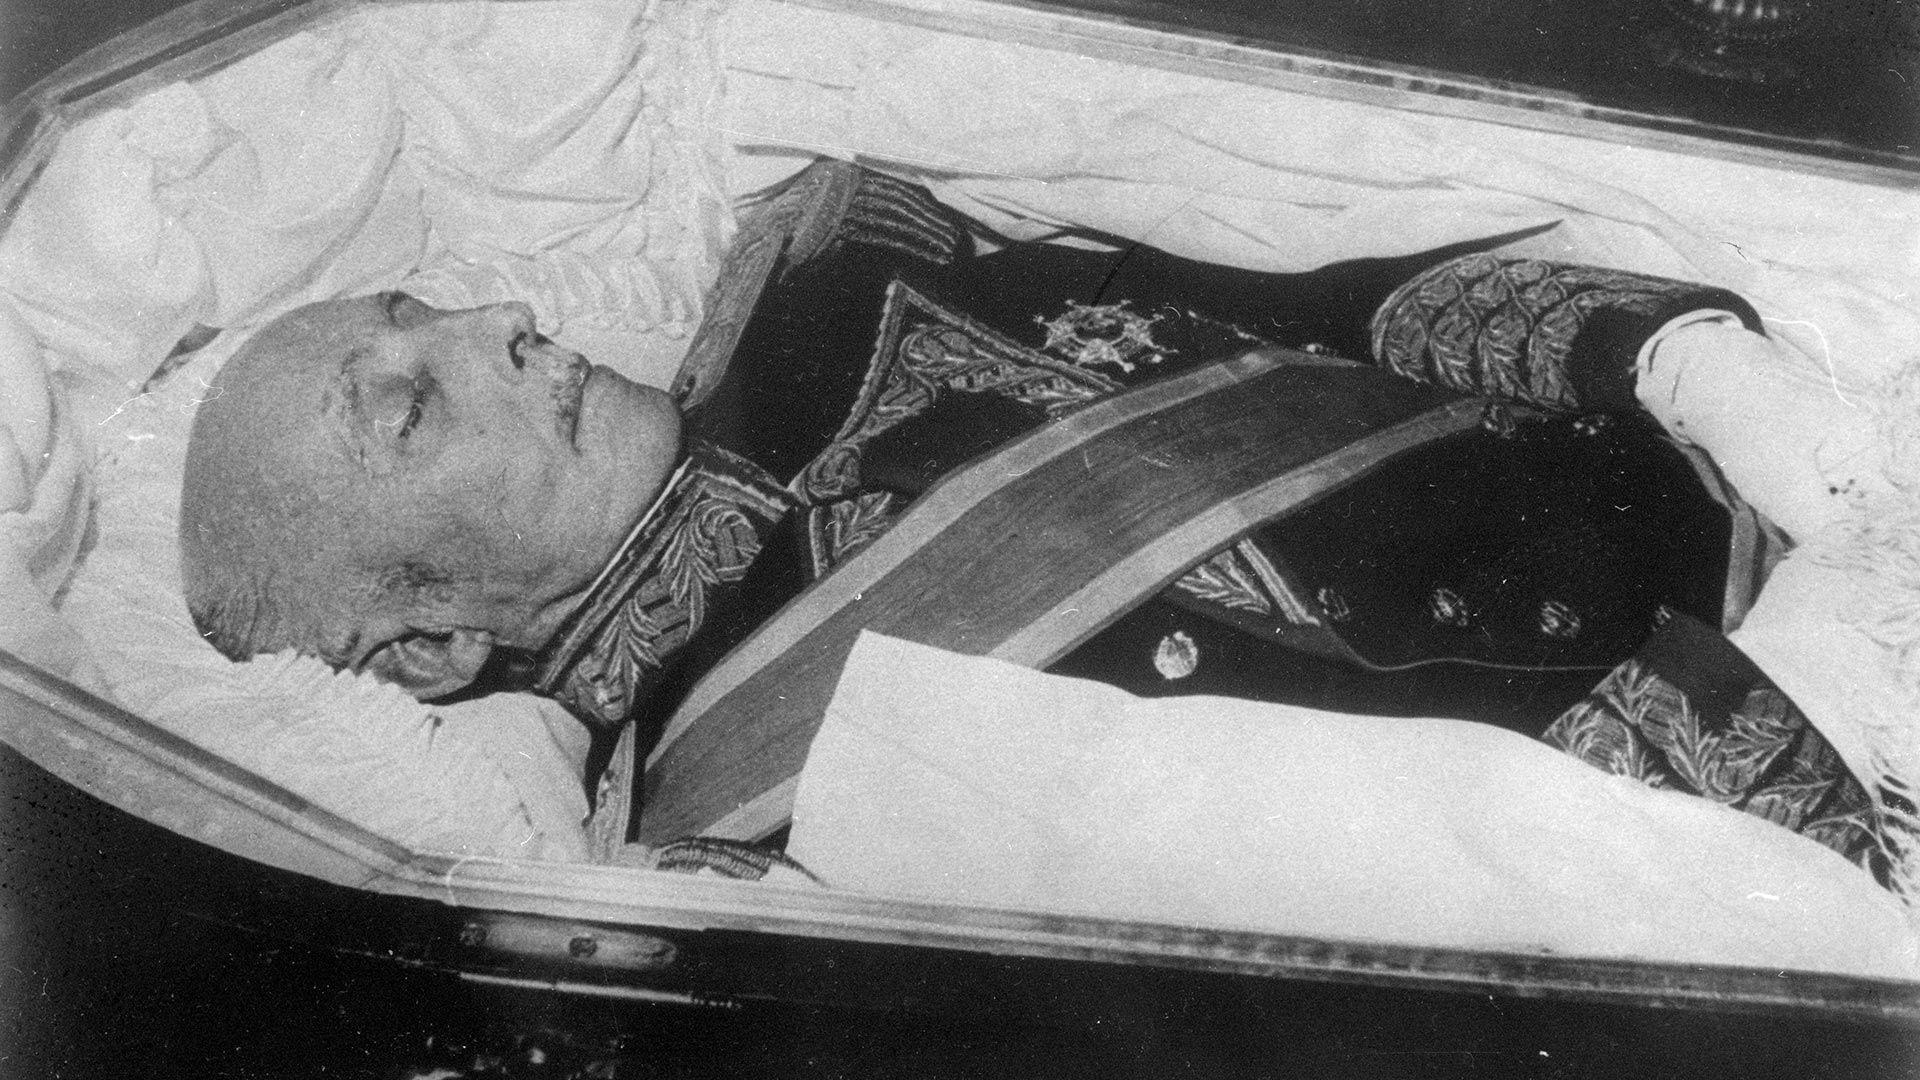 Fotografía del funeral del dictador español Francisco Franco, quien murió el 20 de noviembre de 1975 (Getty Images)